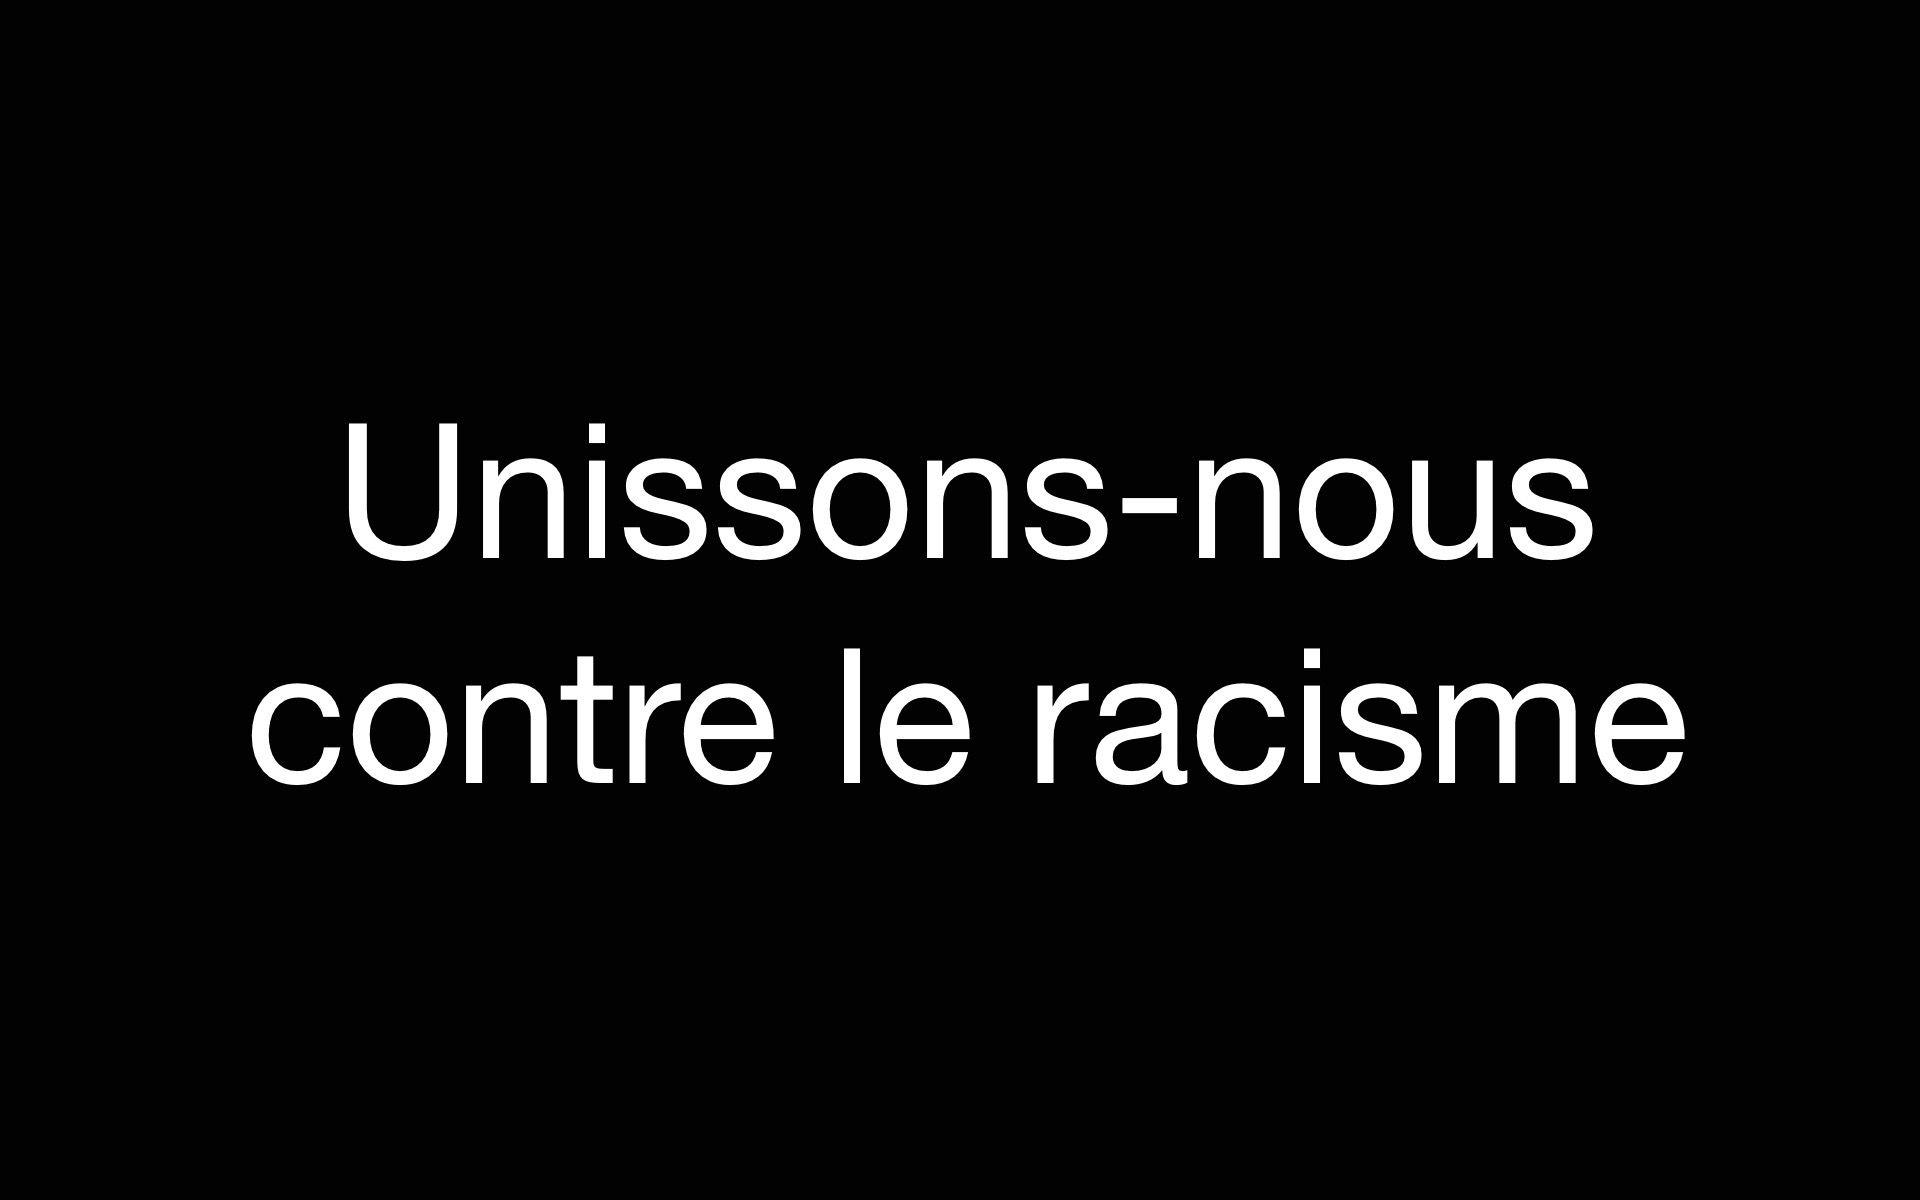 Unissons-nous contre le racisme